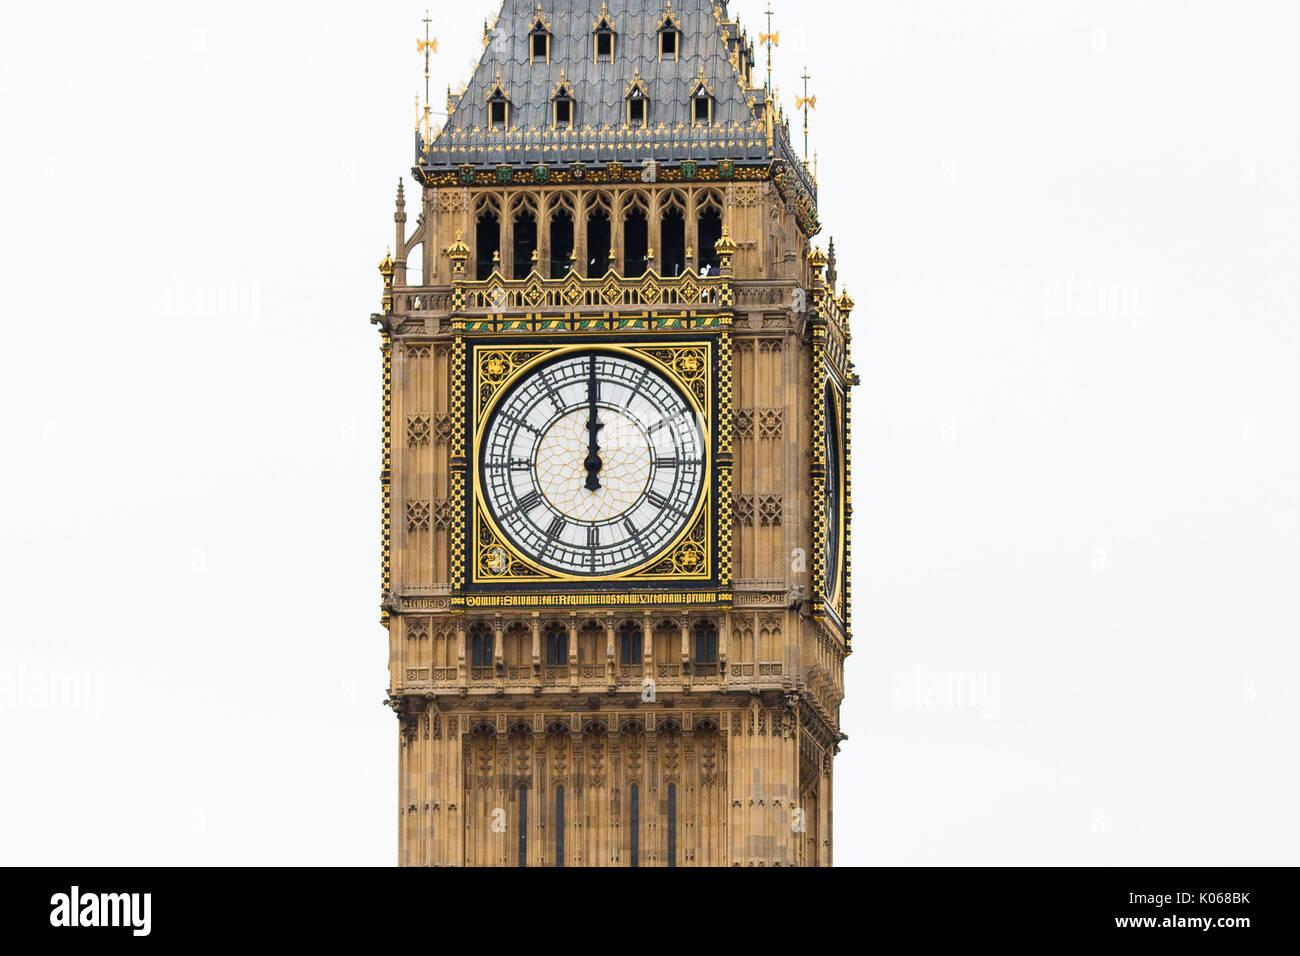 Londres, Royaume-Uni. 21 août 2017. L'horloge à la mi-journée au Palais de Westminster que Big Ben sonne pour la dernière fois. Big Ben's bongs tombera le silence à partir d'aujourd'hui en raison d'importants plans de rénovation qu'il s'arrête de sonner pendant un maximum de quatre ans. Credit: Londres pix/Alamy Live News Photo Stock